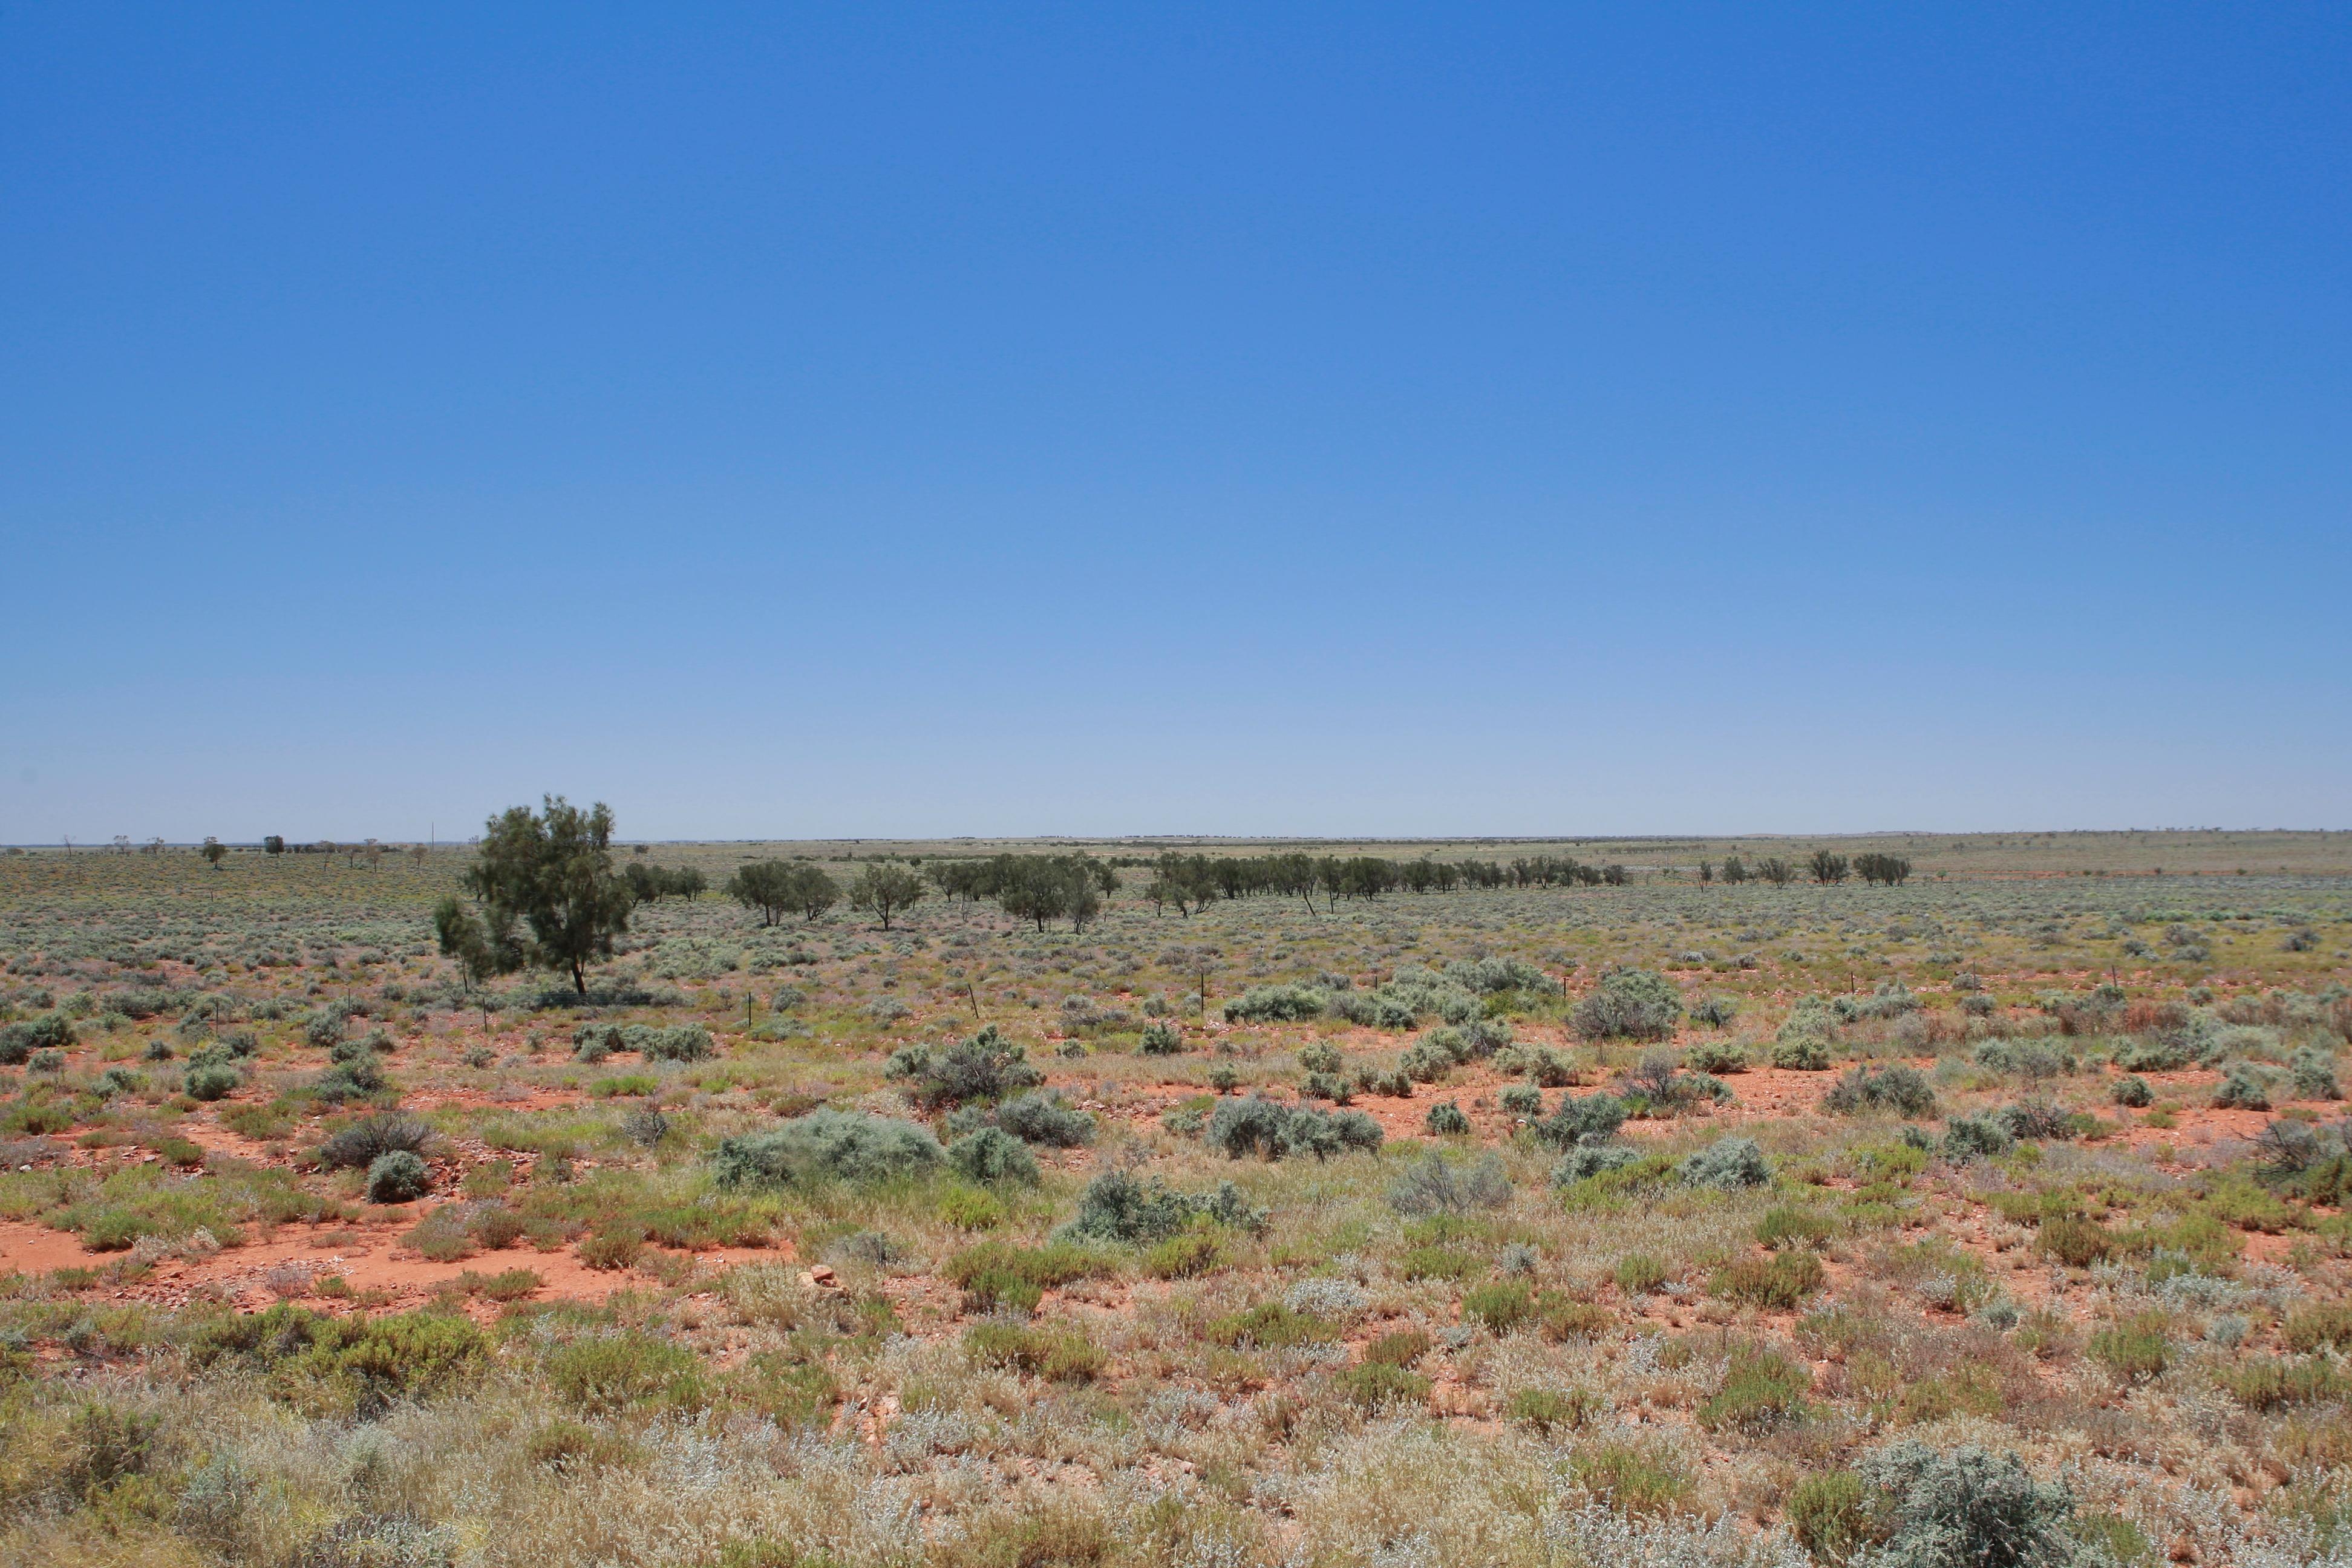 Australia_Outback_15